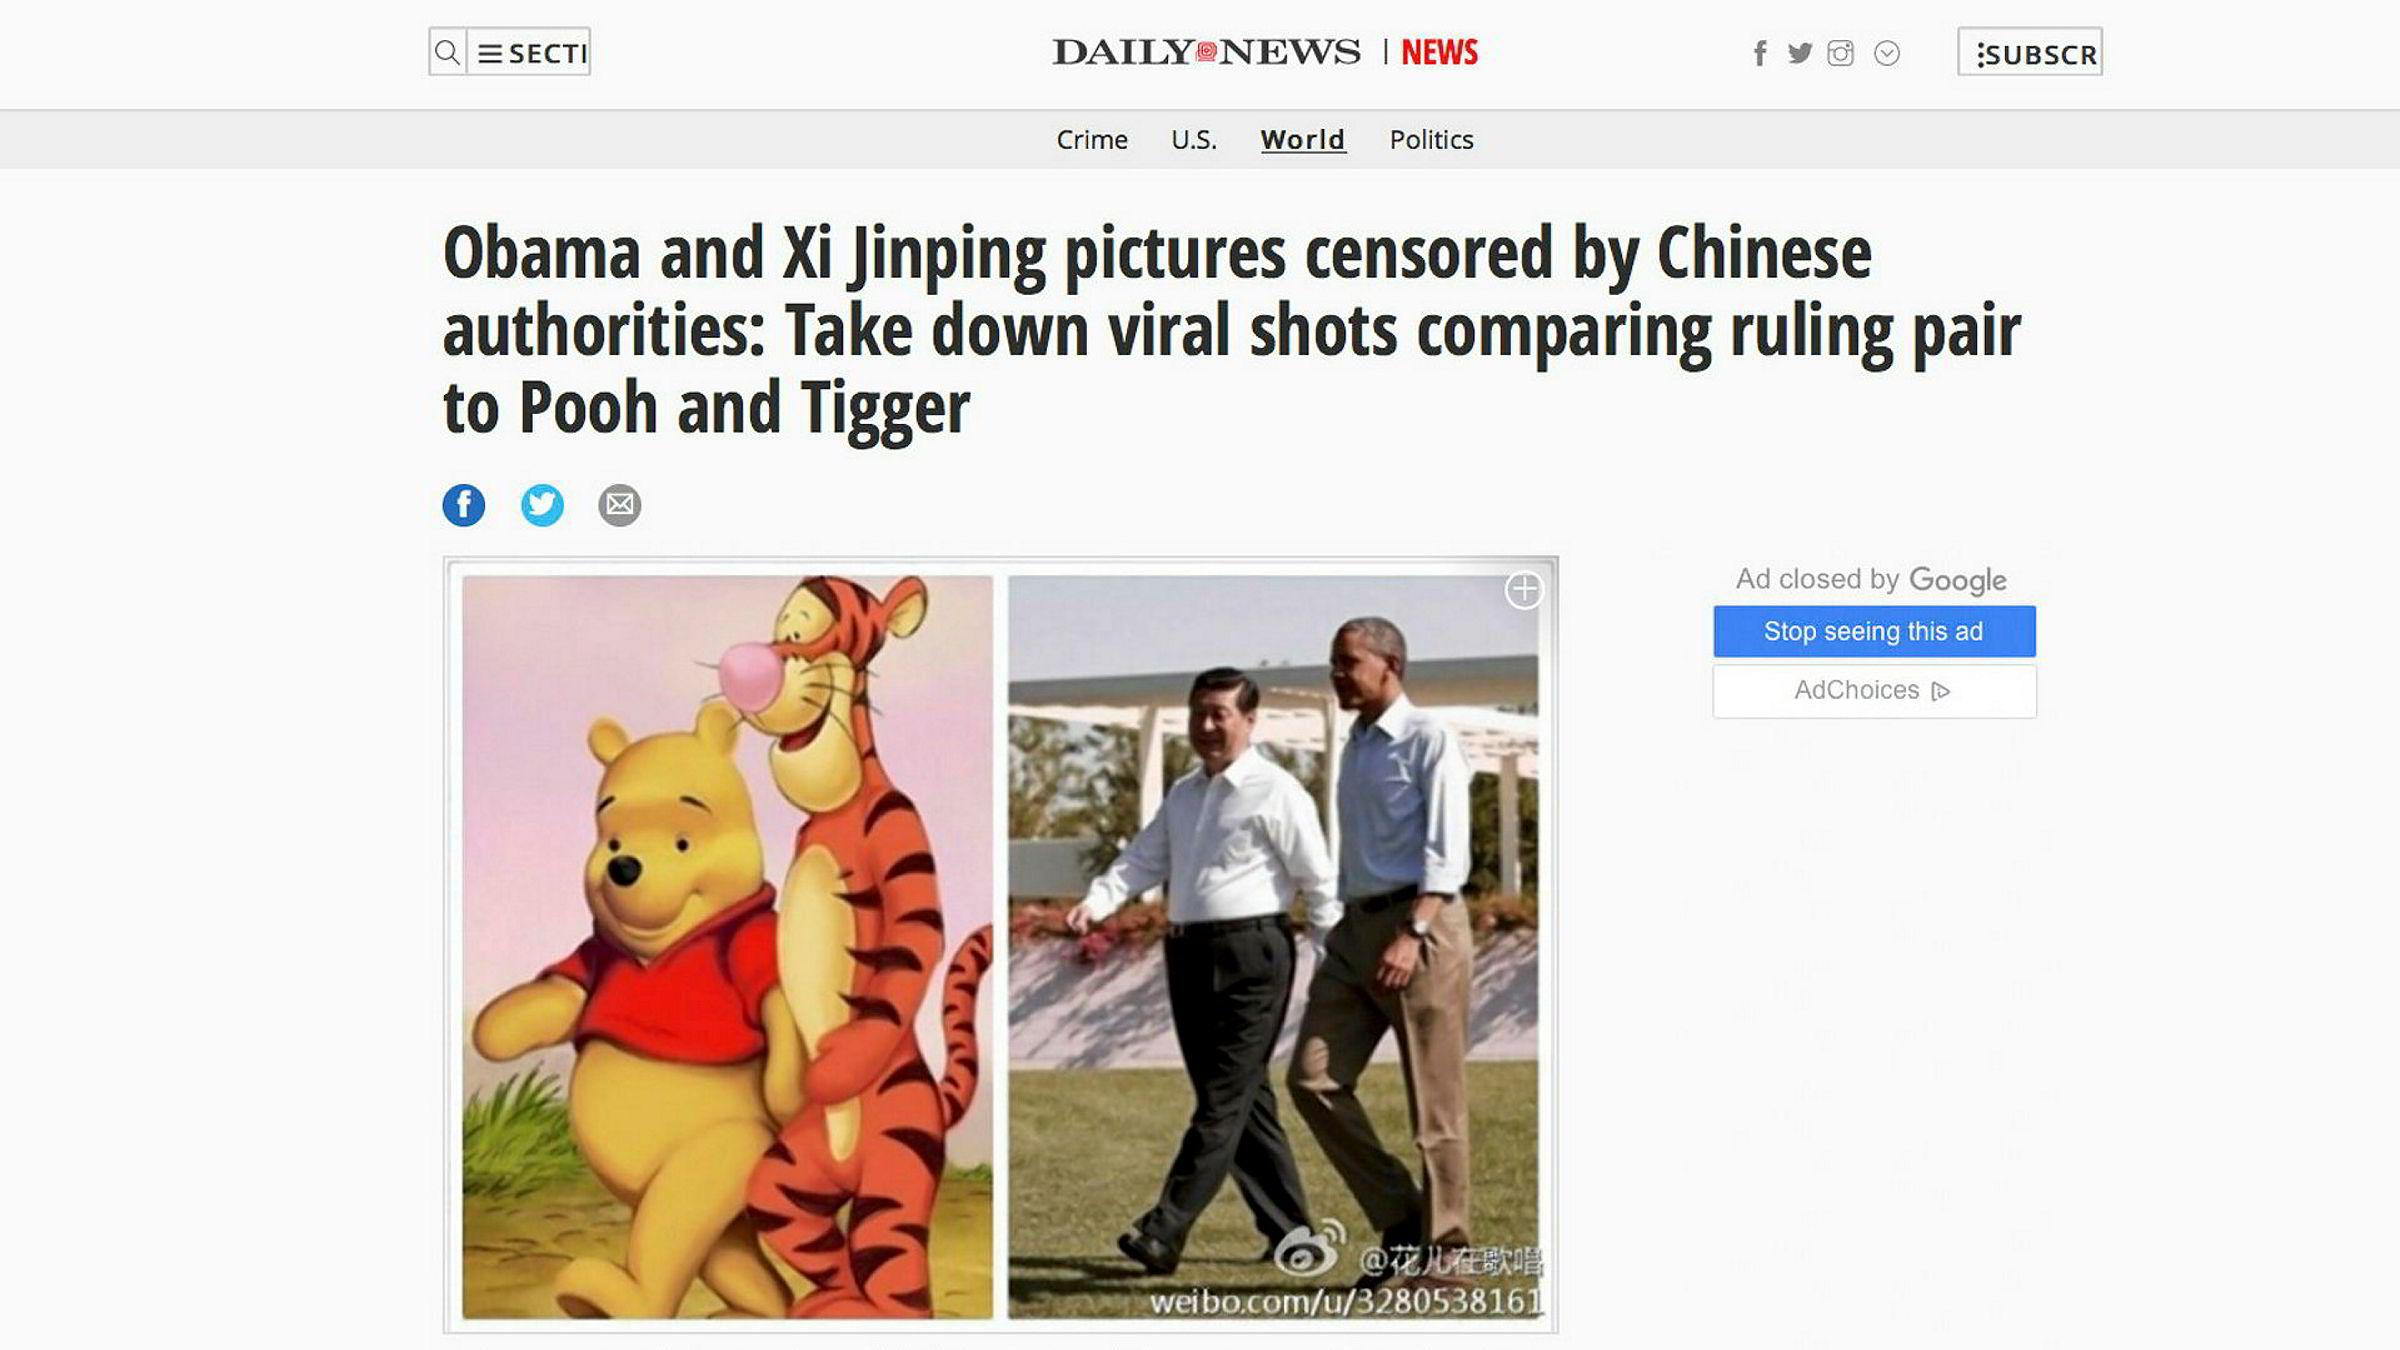 Kinesiske myndigheter har fått nok av bildesammenligninger som dette. Her sammenlignes Ole Brumm og Tigergutt med Xi Jinping og Barack Obama.